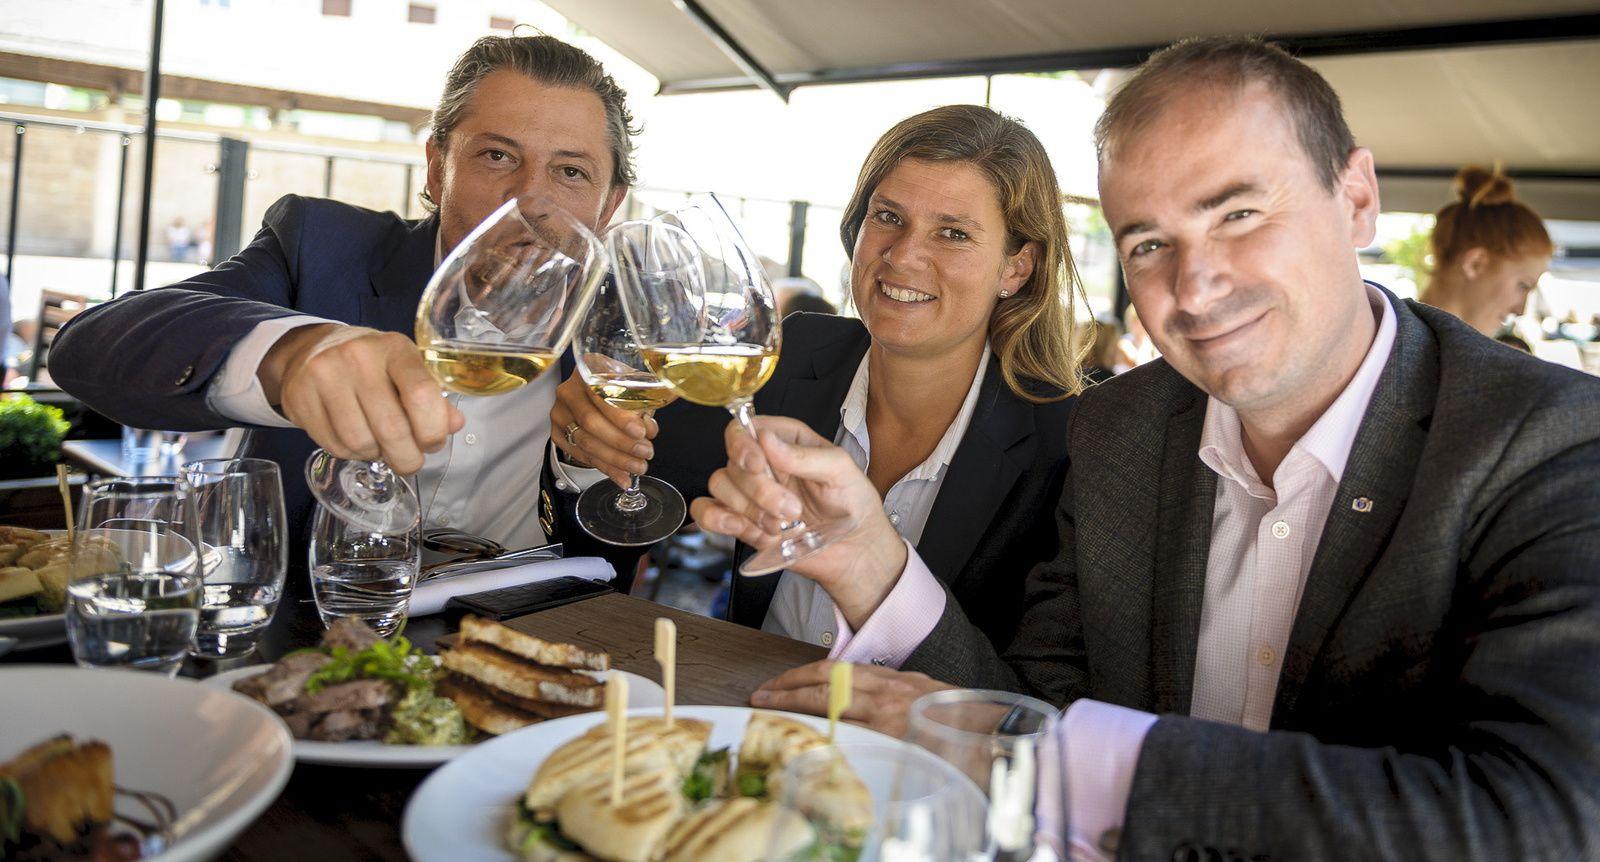 De gauche à droite : Sylvain François, Sybille Martin et Benjamin Roffet / © Nicolas Broquedis